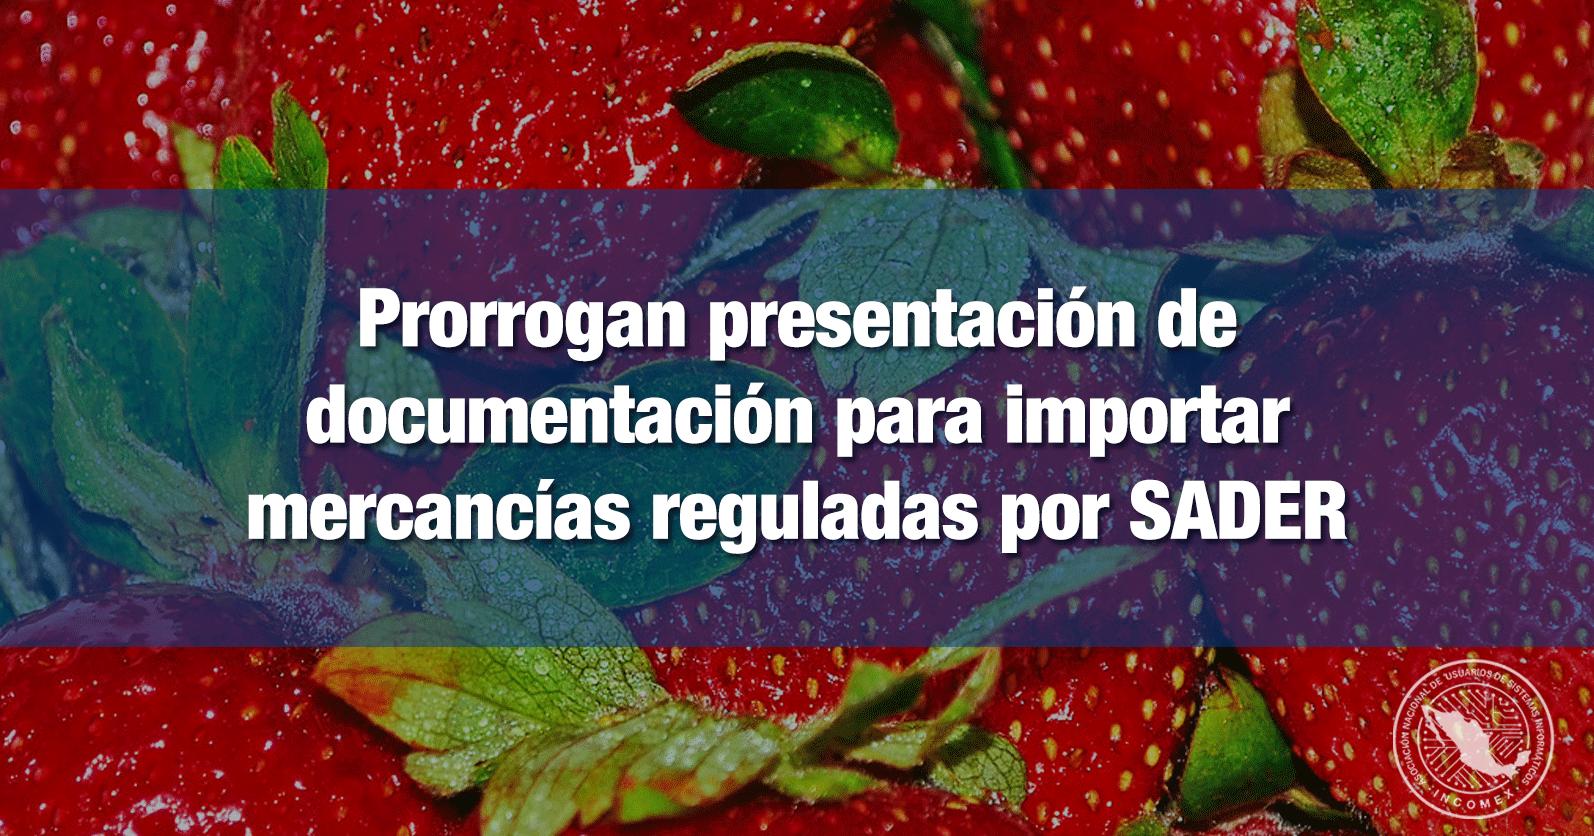 Prorrogan presentación de documentación para importar mercancías reguladas por SADER